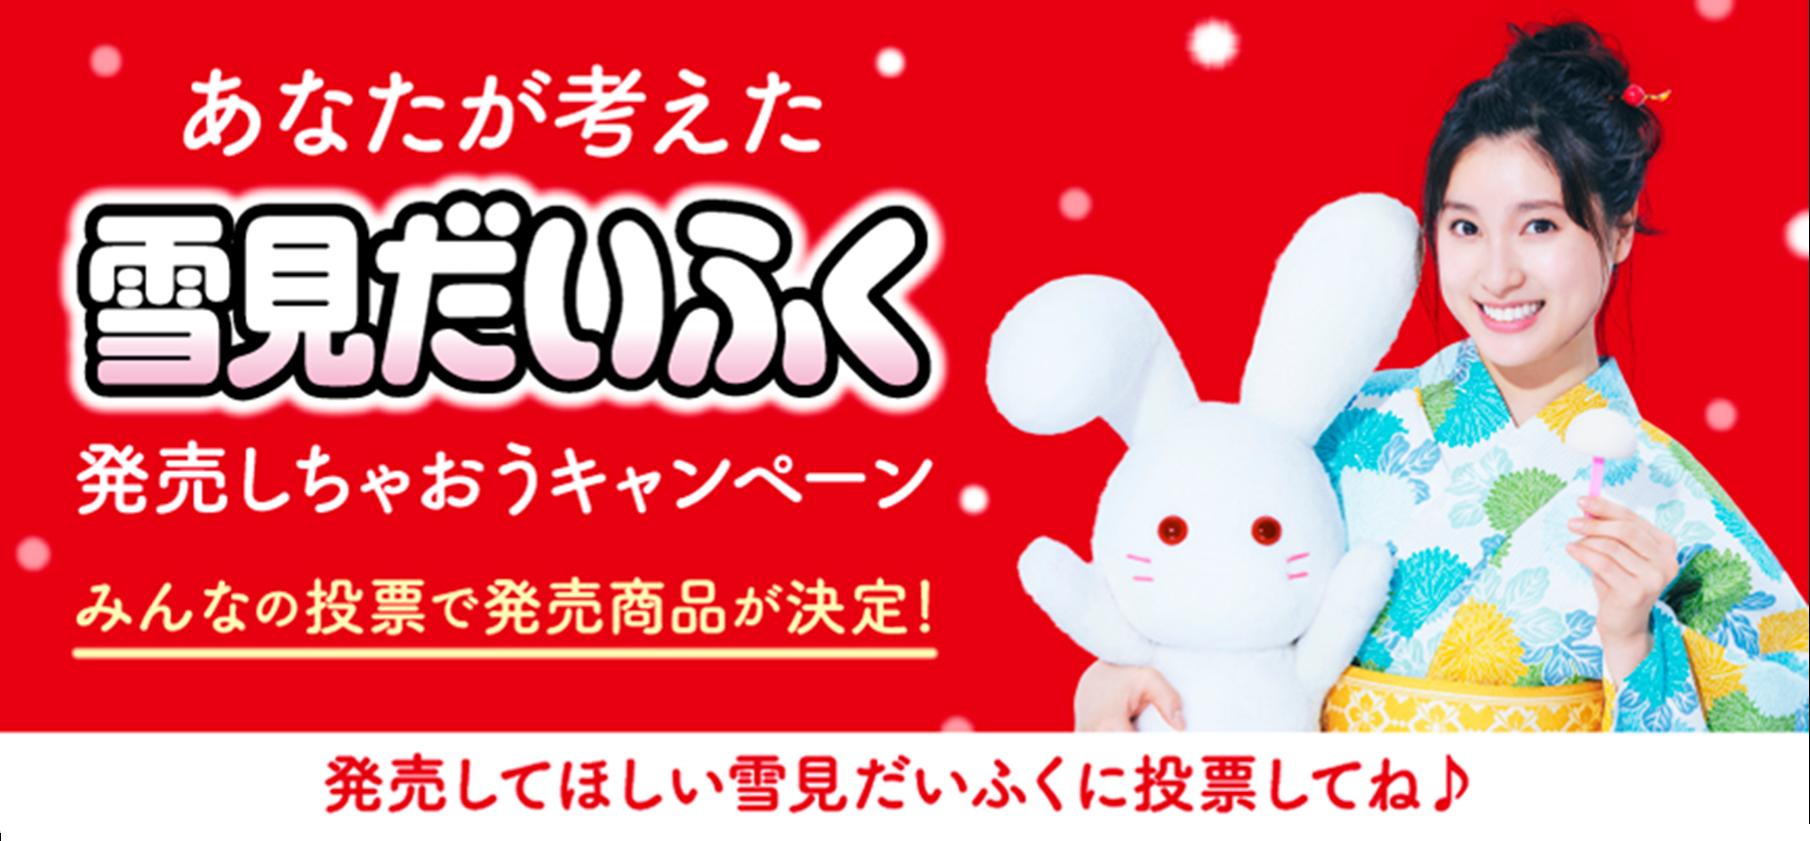 あなたが考えた雪見だいふく発売しちゃおうキャンペーン ファン投票